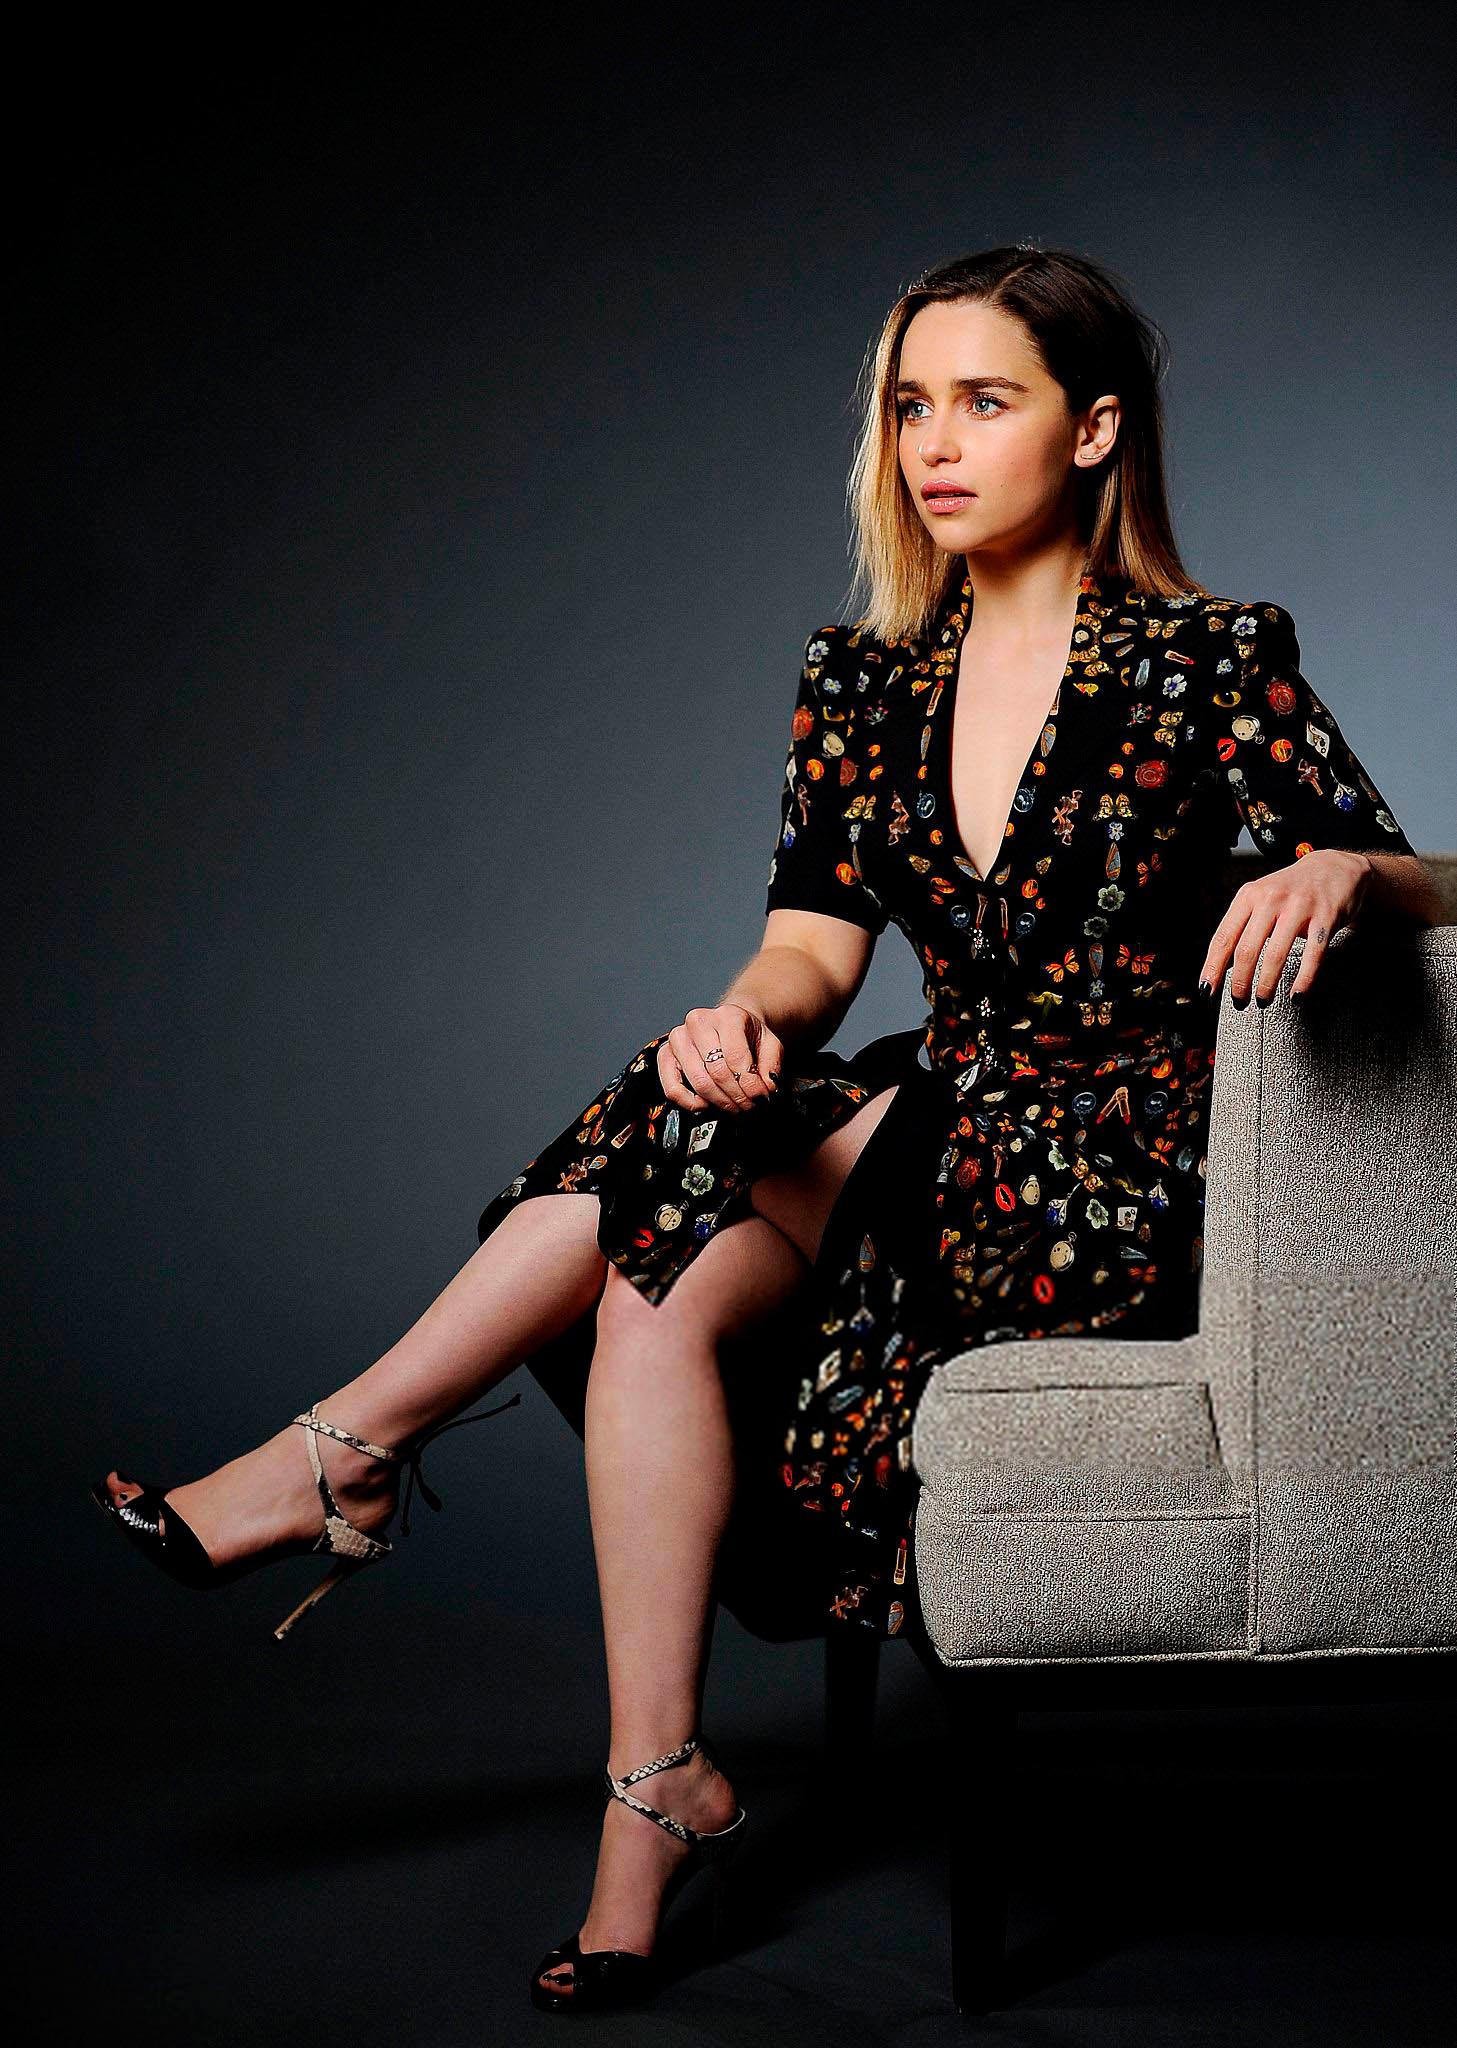 Эмилия Кларк красивые ножки и ступни